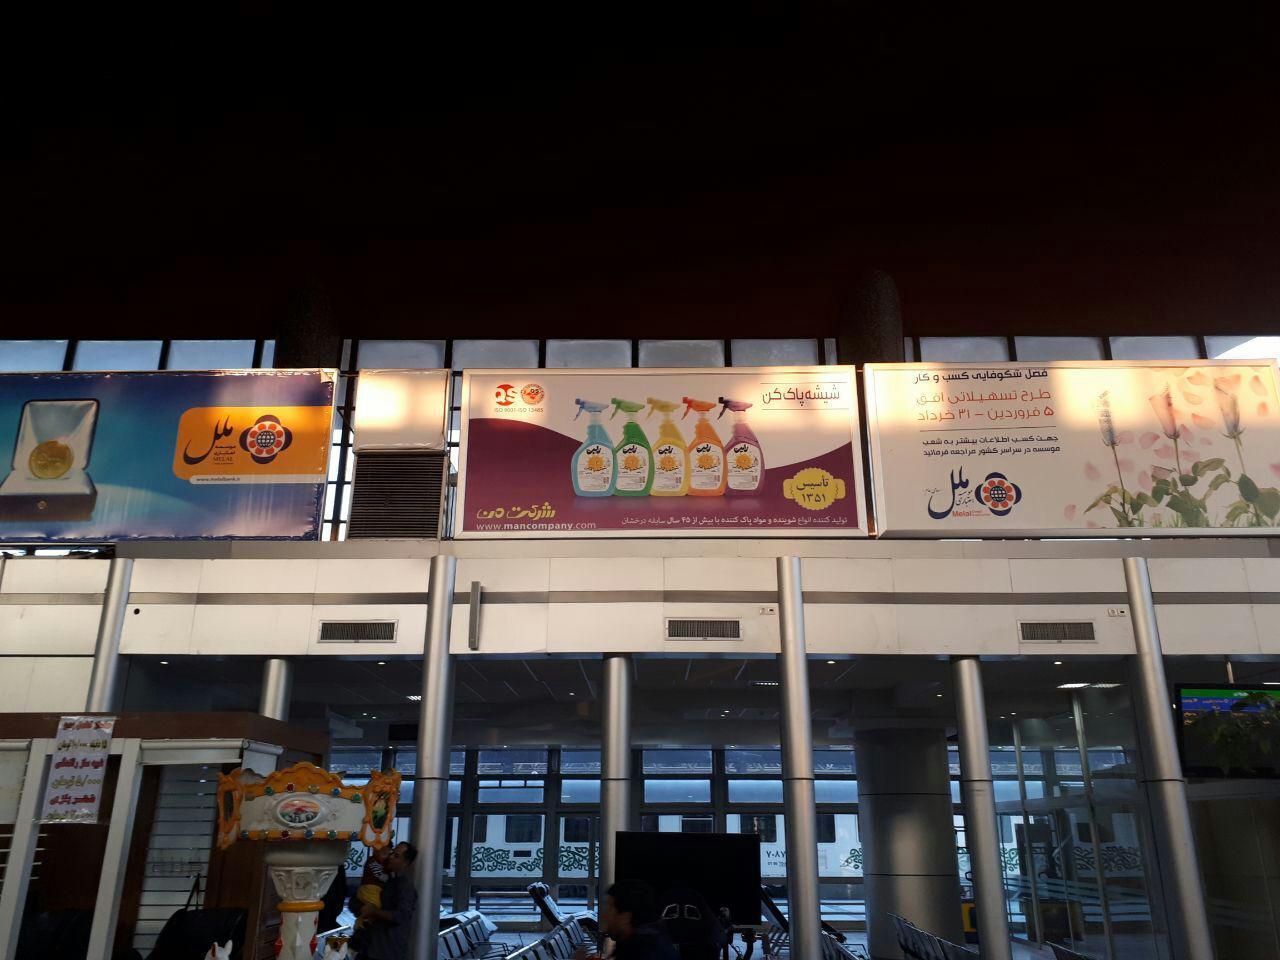 تبلیغات در فرودگاه هاشمی نژاد مشهد